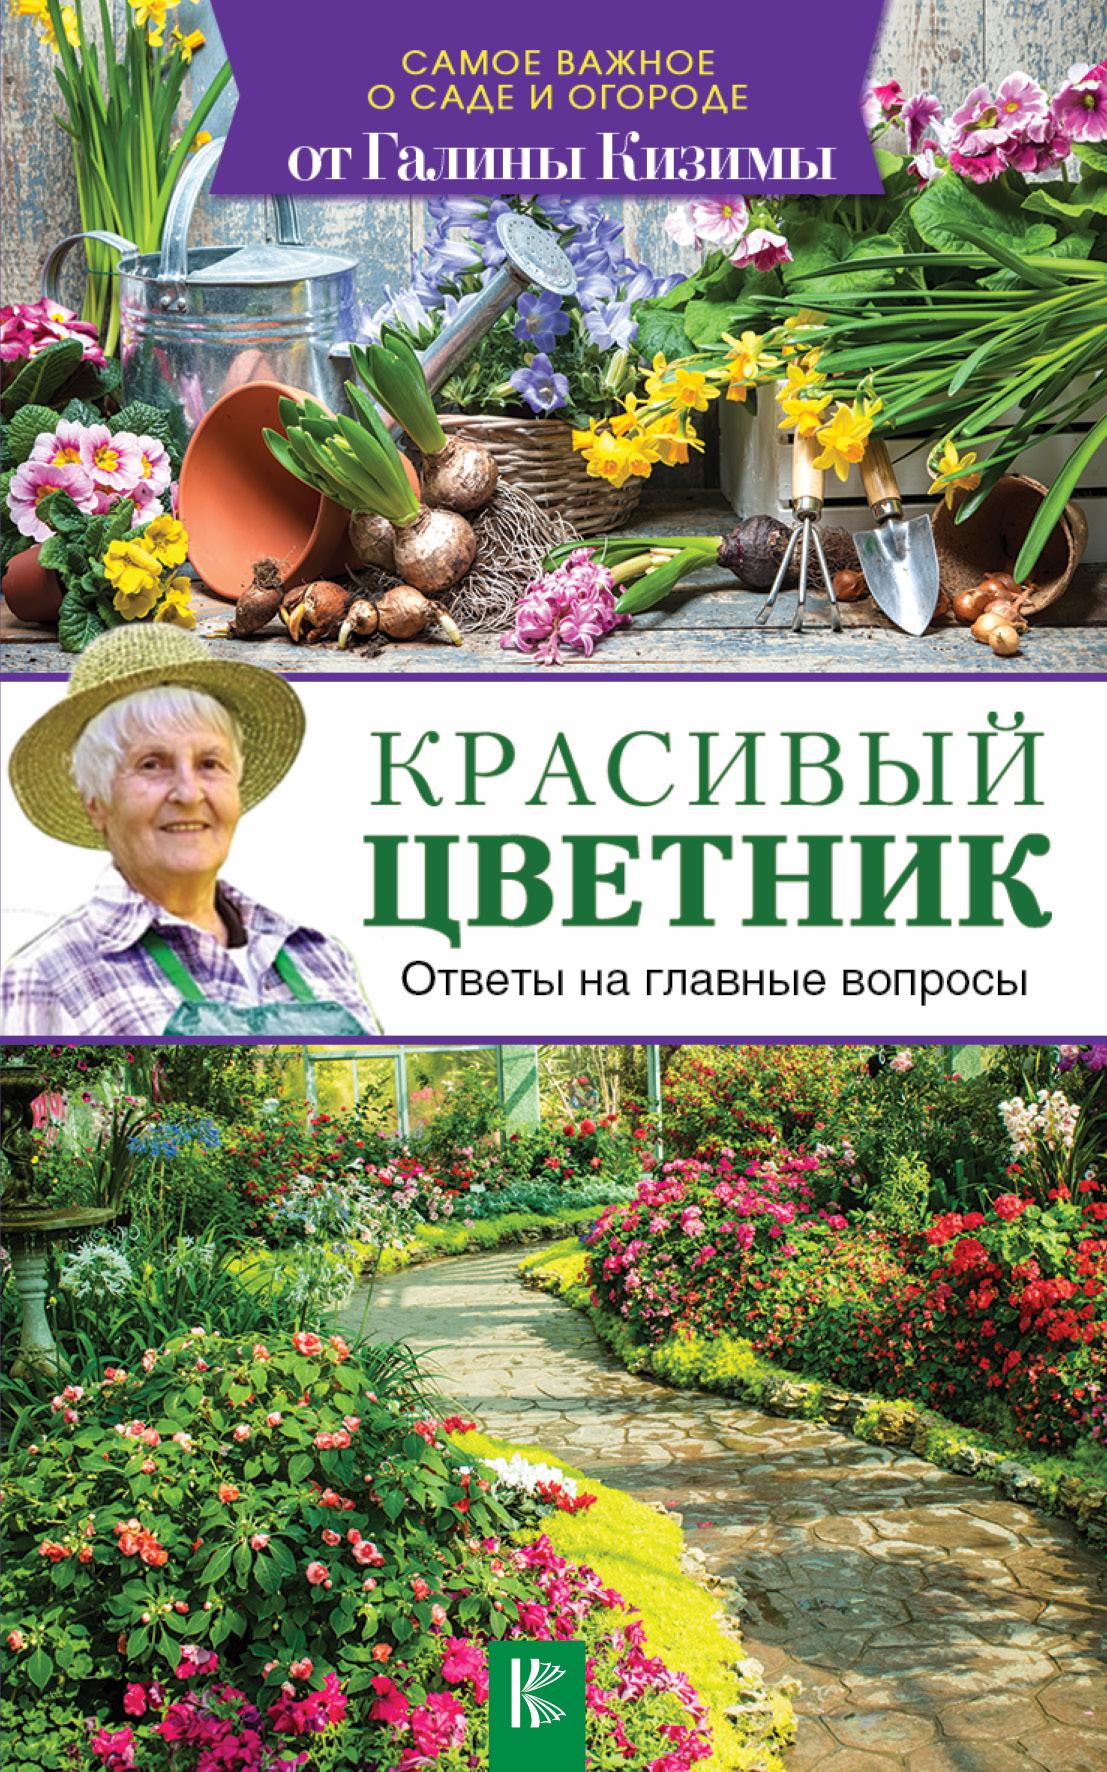 Галина Кизима Красивый цветник. Ответы на главные вопросы